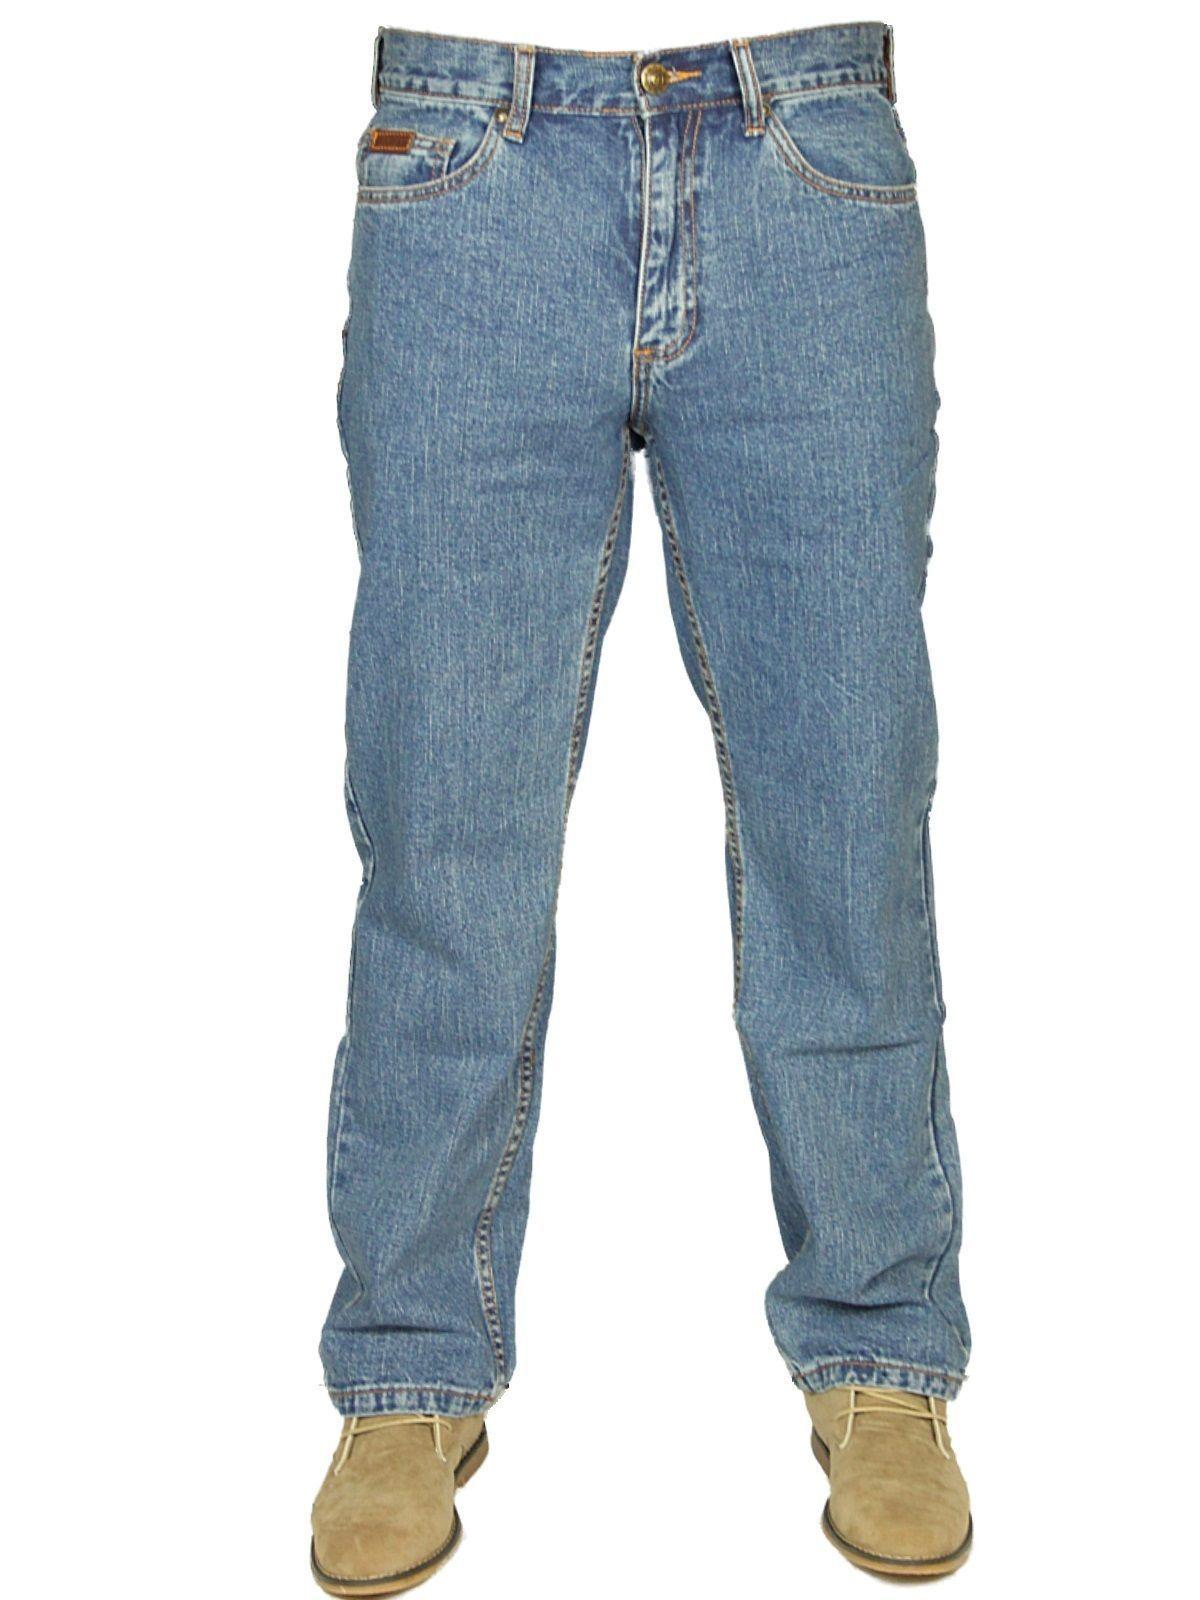 BNWT FARAH MENS LATEST DENIM JEANS STRAIGHT LEG BLACK BLUE SIZES 30-46 OFFER